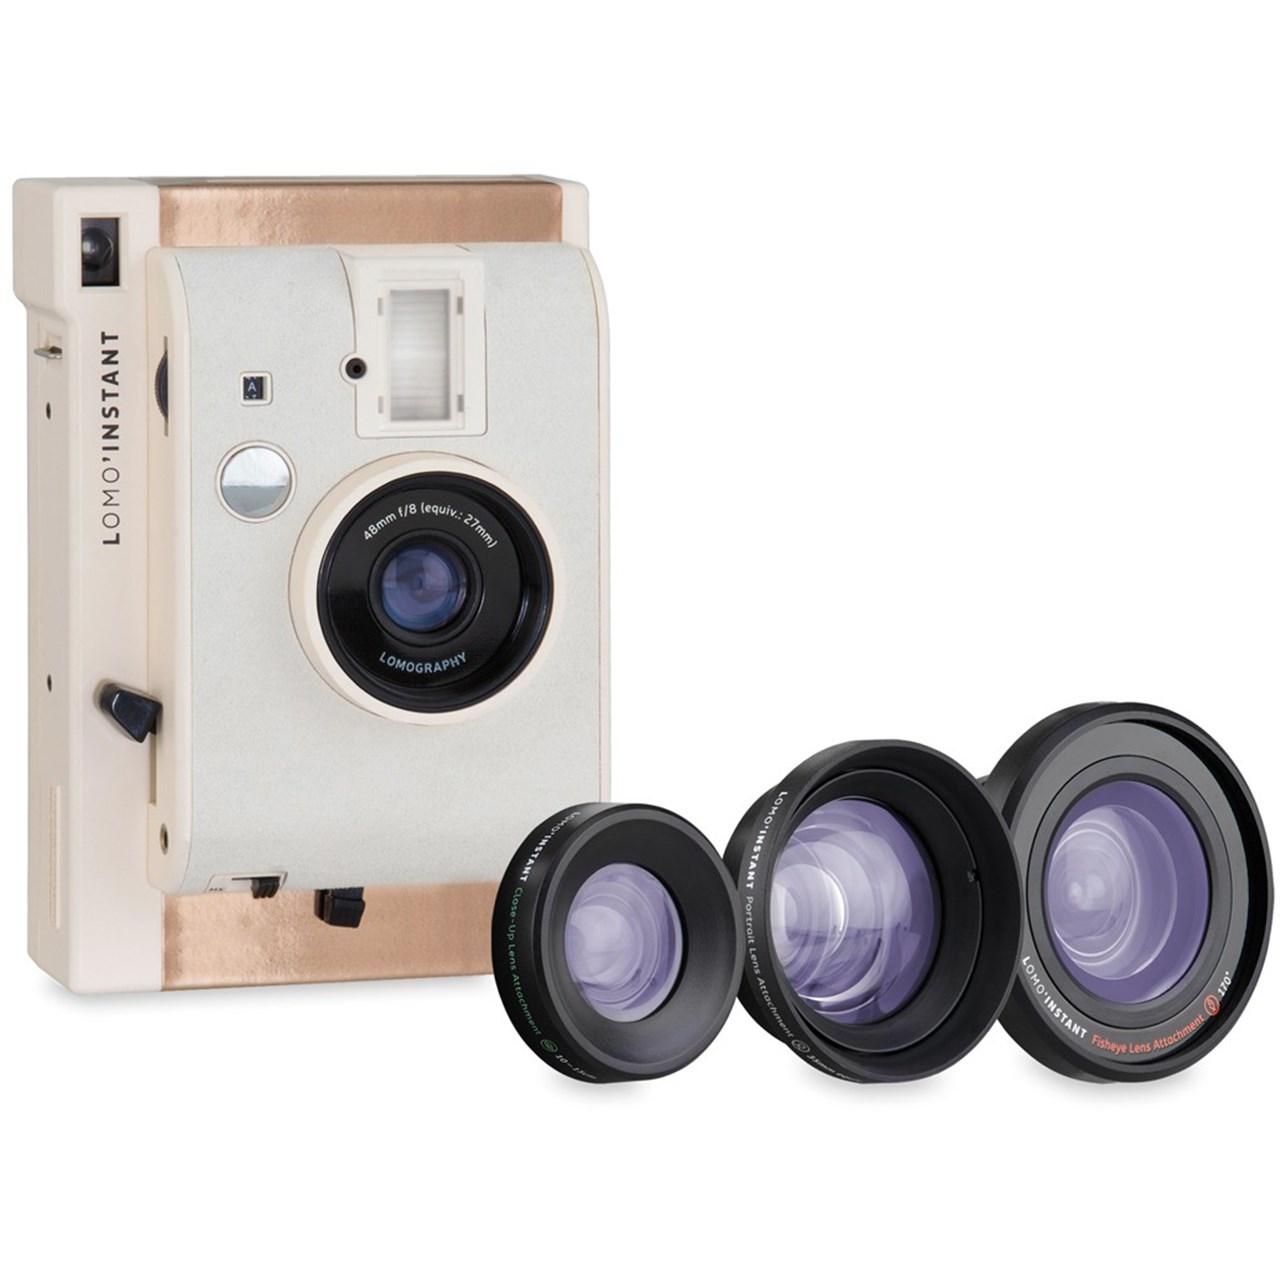 دوربین چاپ سریع لوموگرافی مدل Mumbai به همراه سه لنز